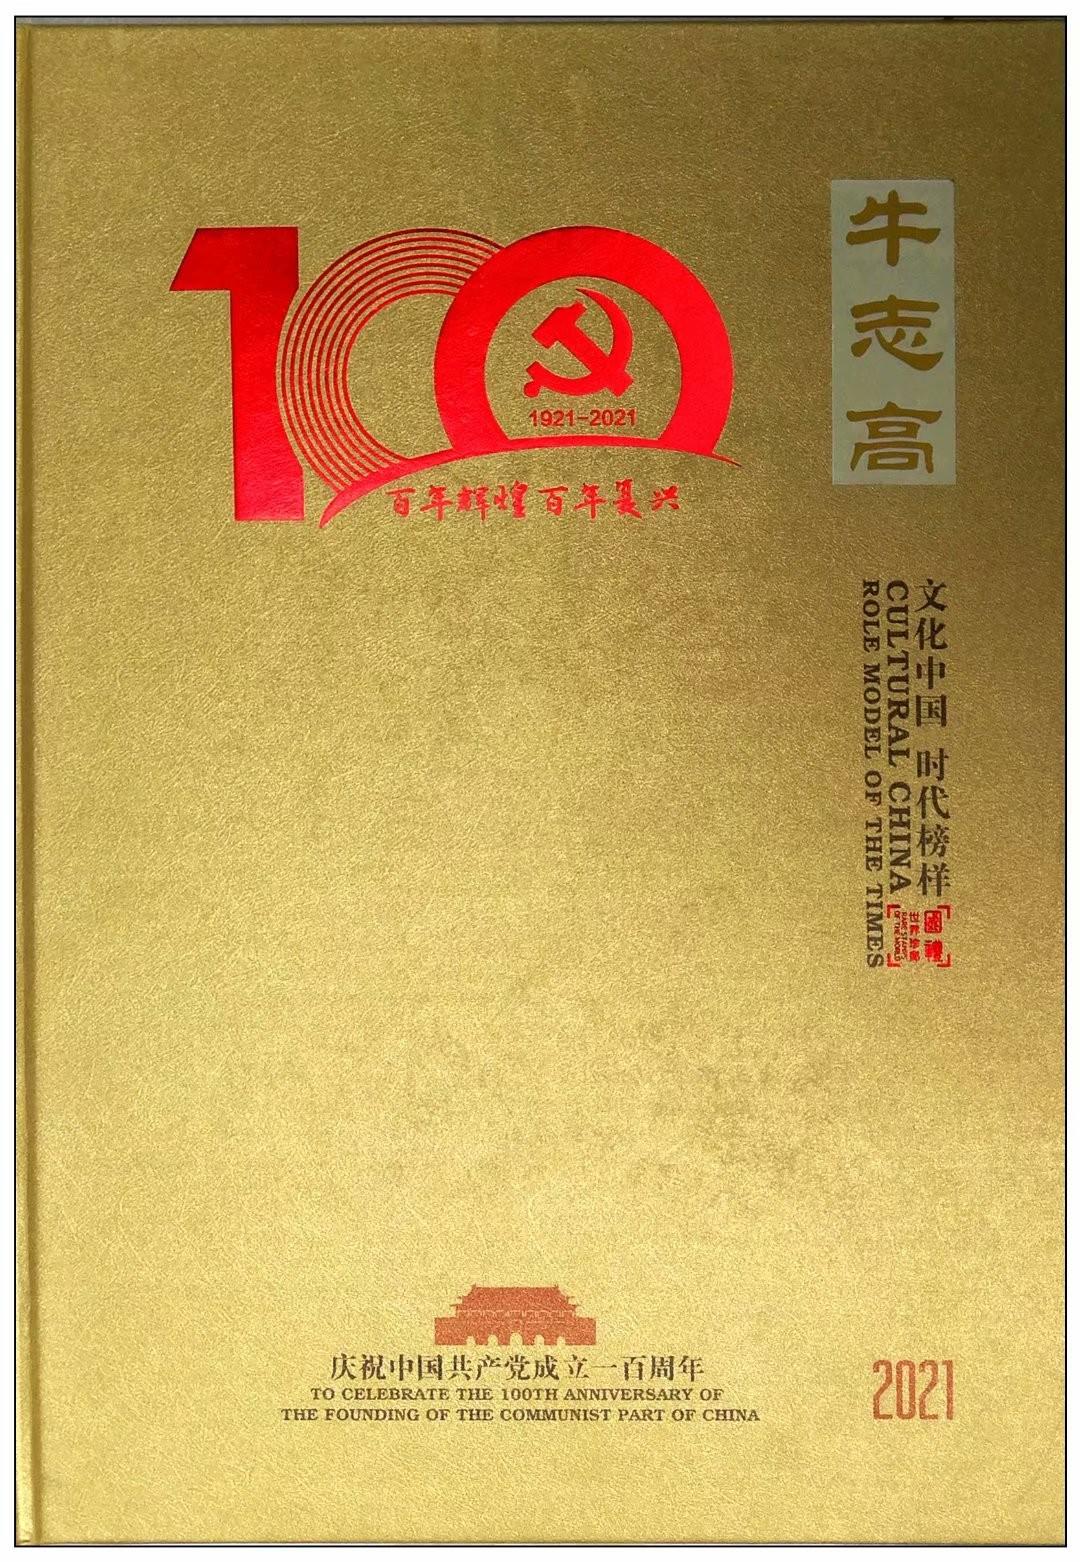 庆祝中国共产党成立100周年---牛志高书画集邮册面世2021.03.15_图1-1